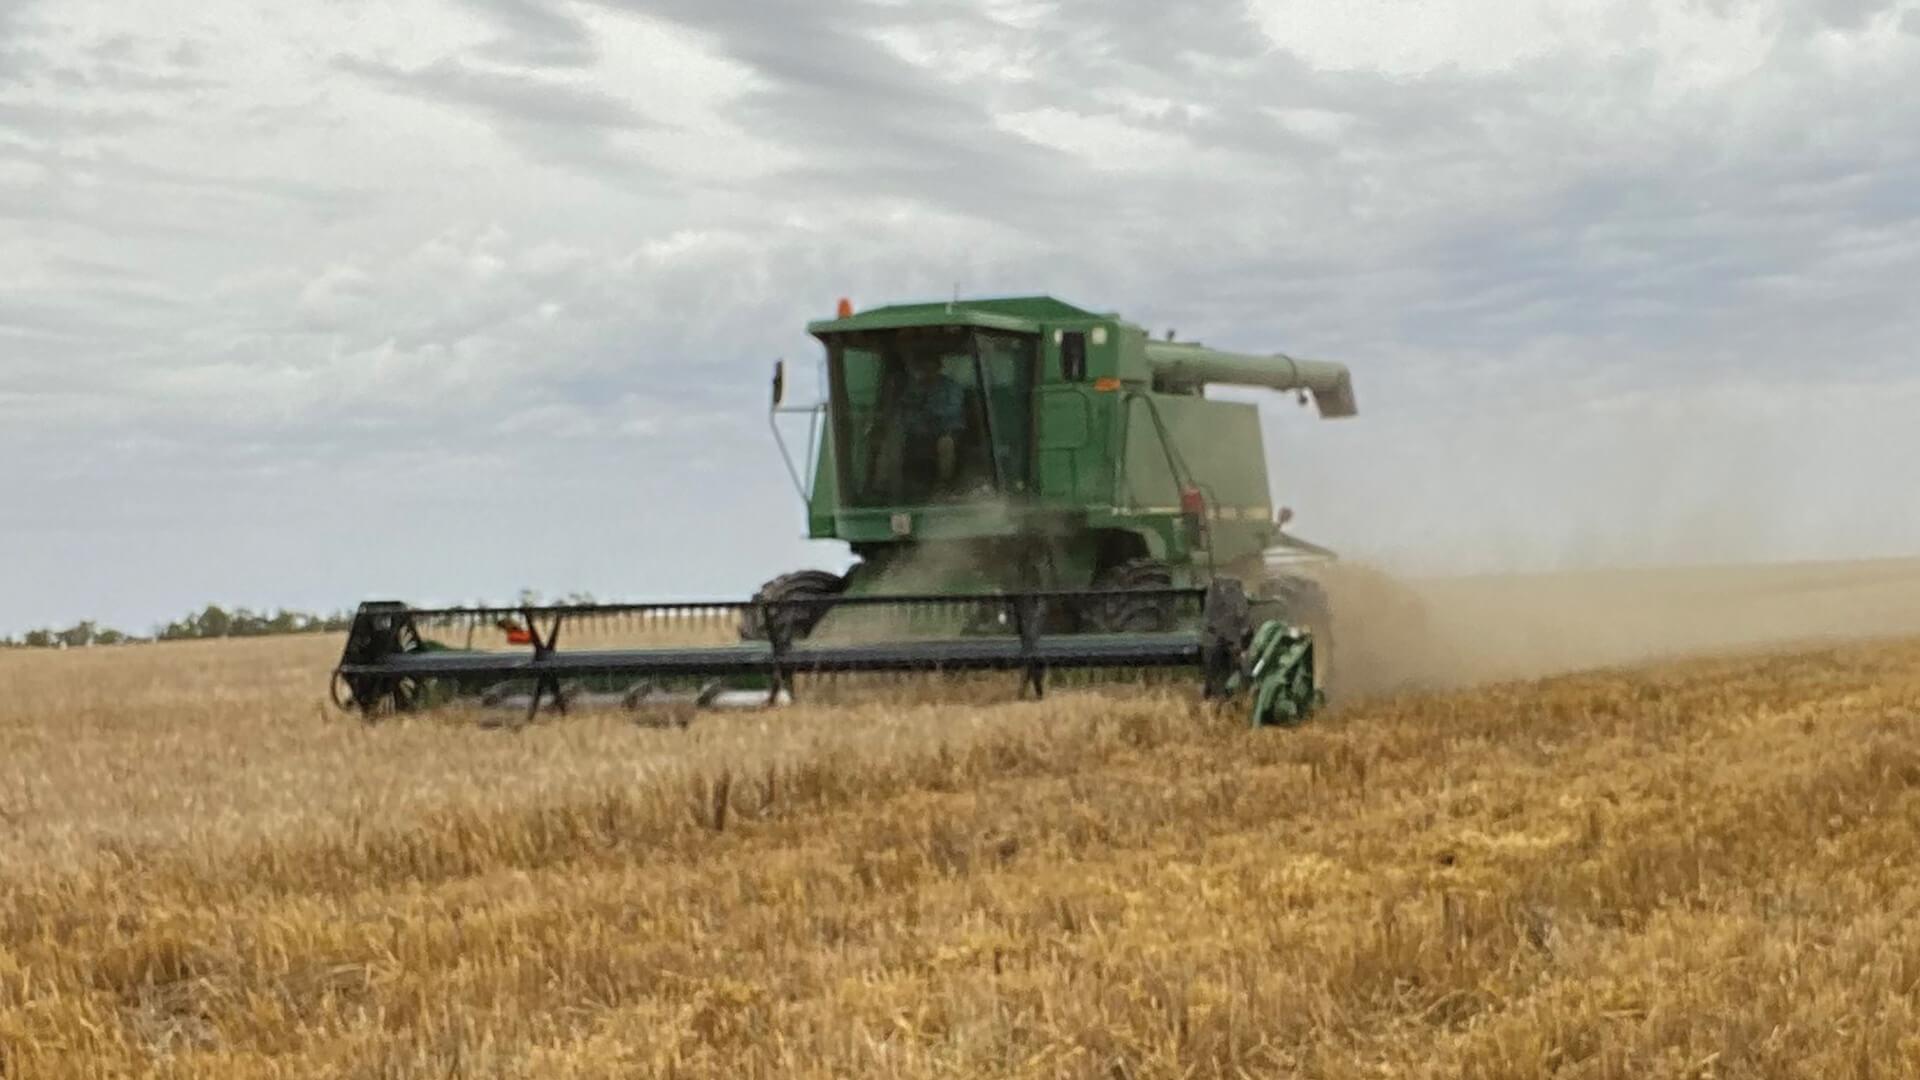 2020 Crop case study